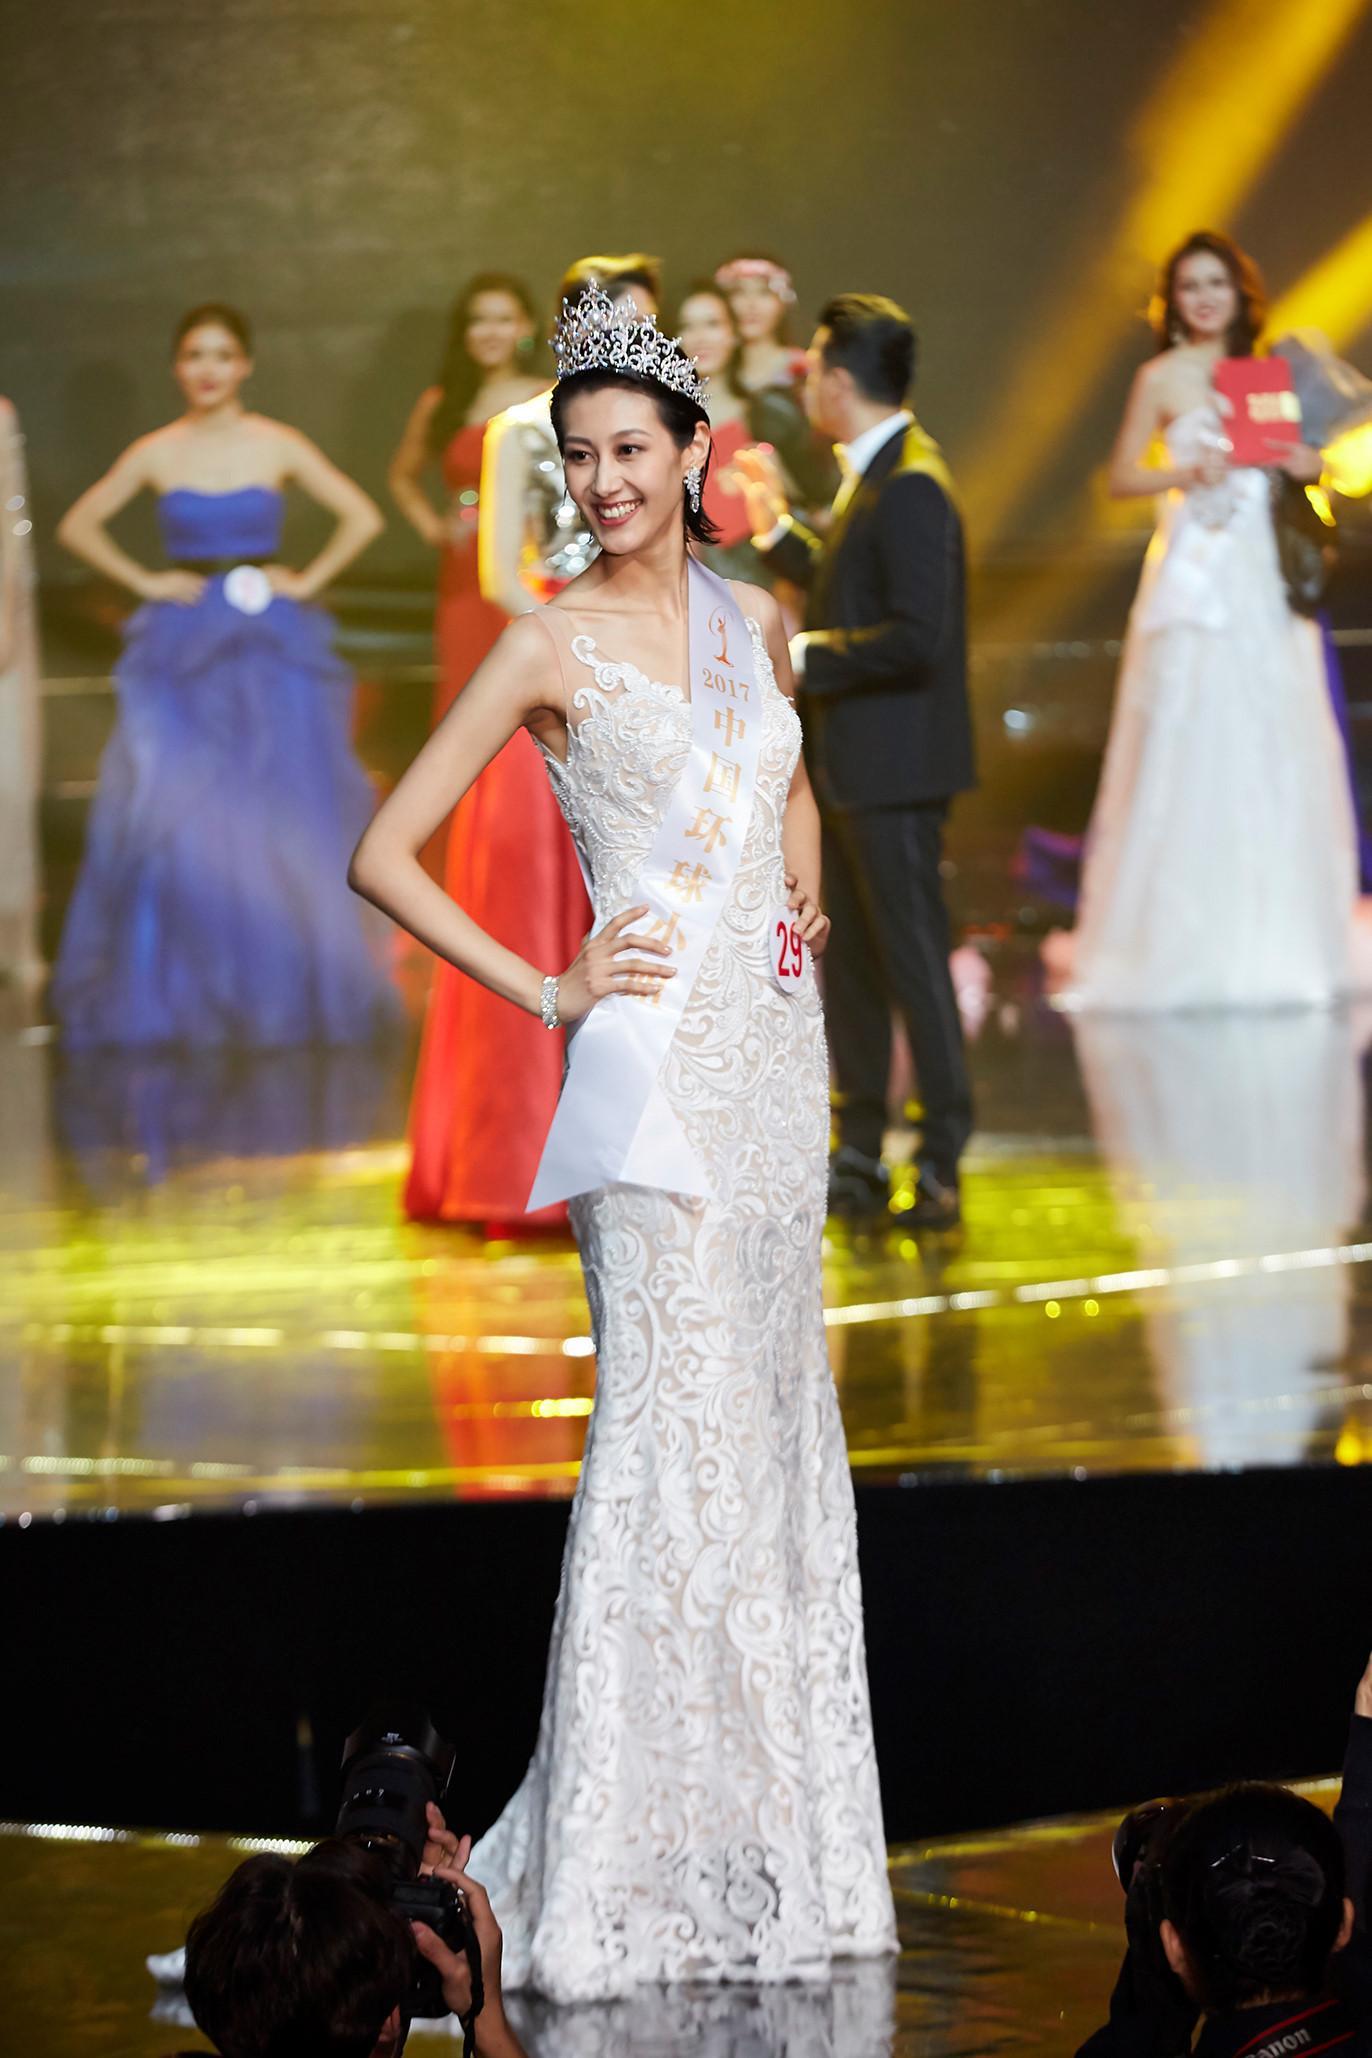 Chân dài tuổi U30 thành Hoa hậu Hoàn vũ Trung Quốc nhờ ứng xử lạ-7